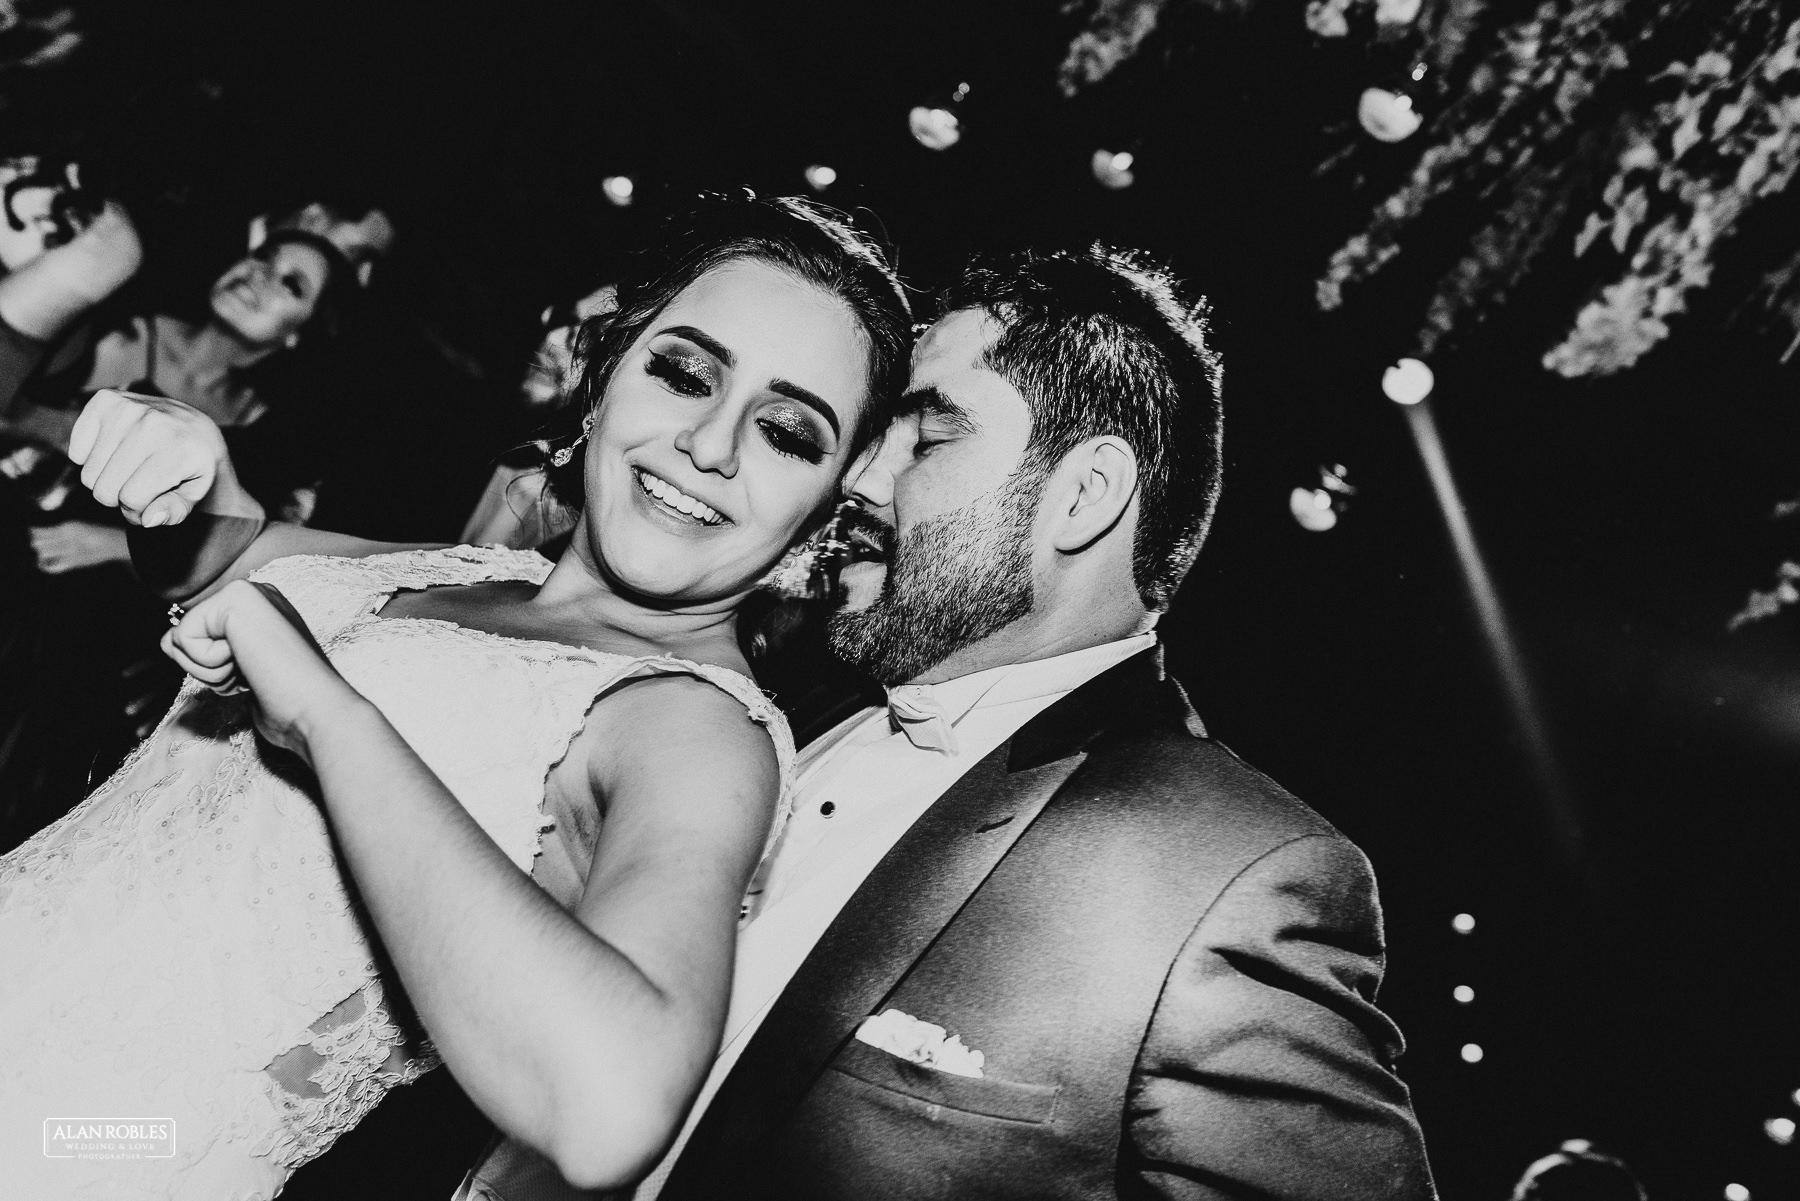 Fotografo de bodas Alan Robles-Casa Clementina Guadalajara DyA-84